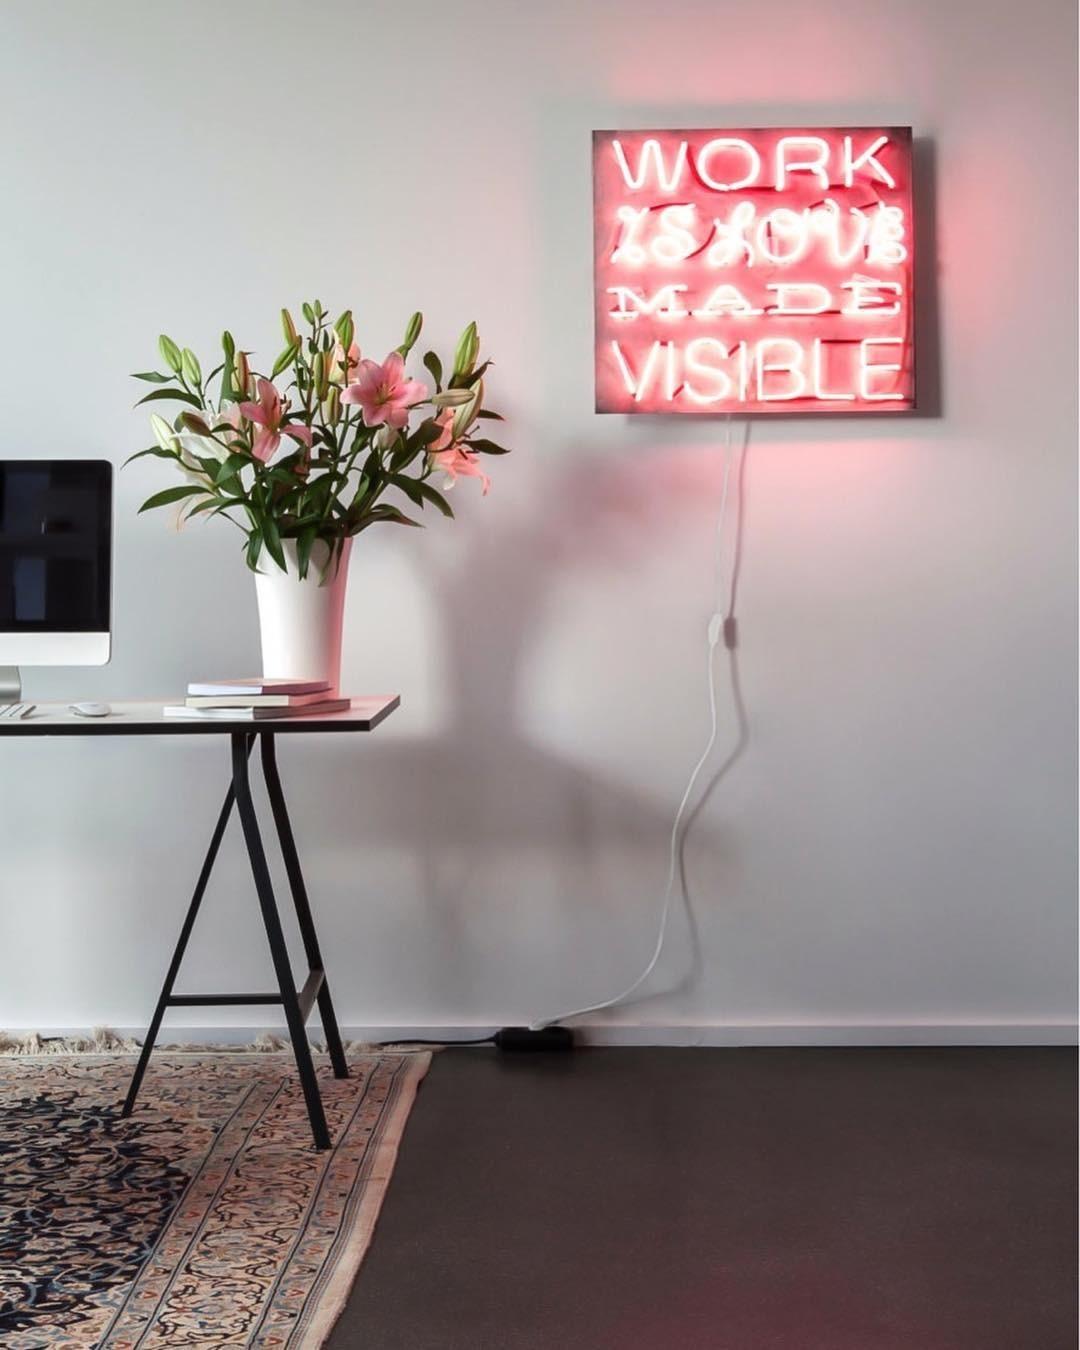 Можно использовать неоновые светильники для дополнительного освещения